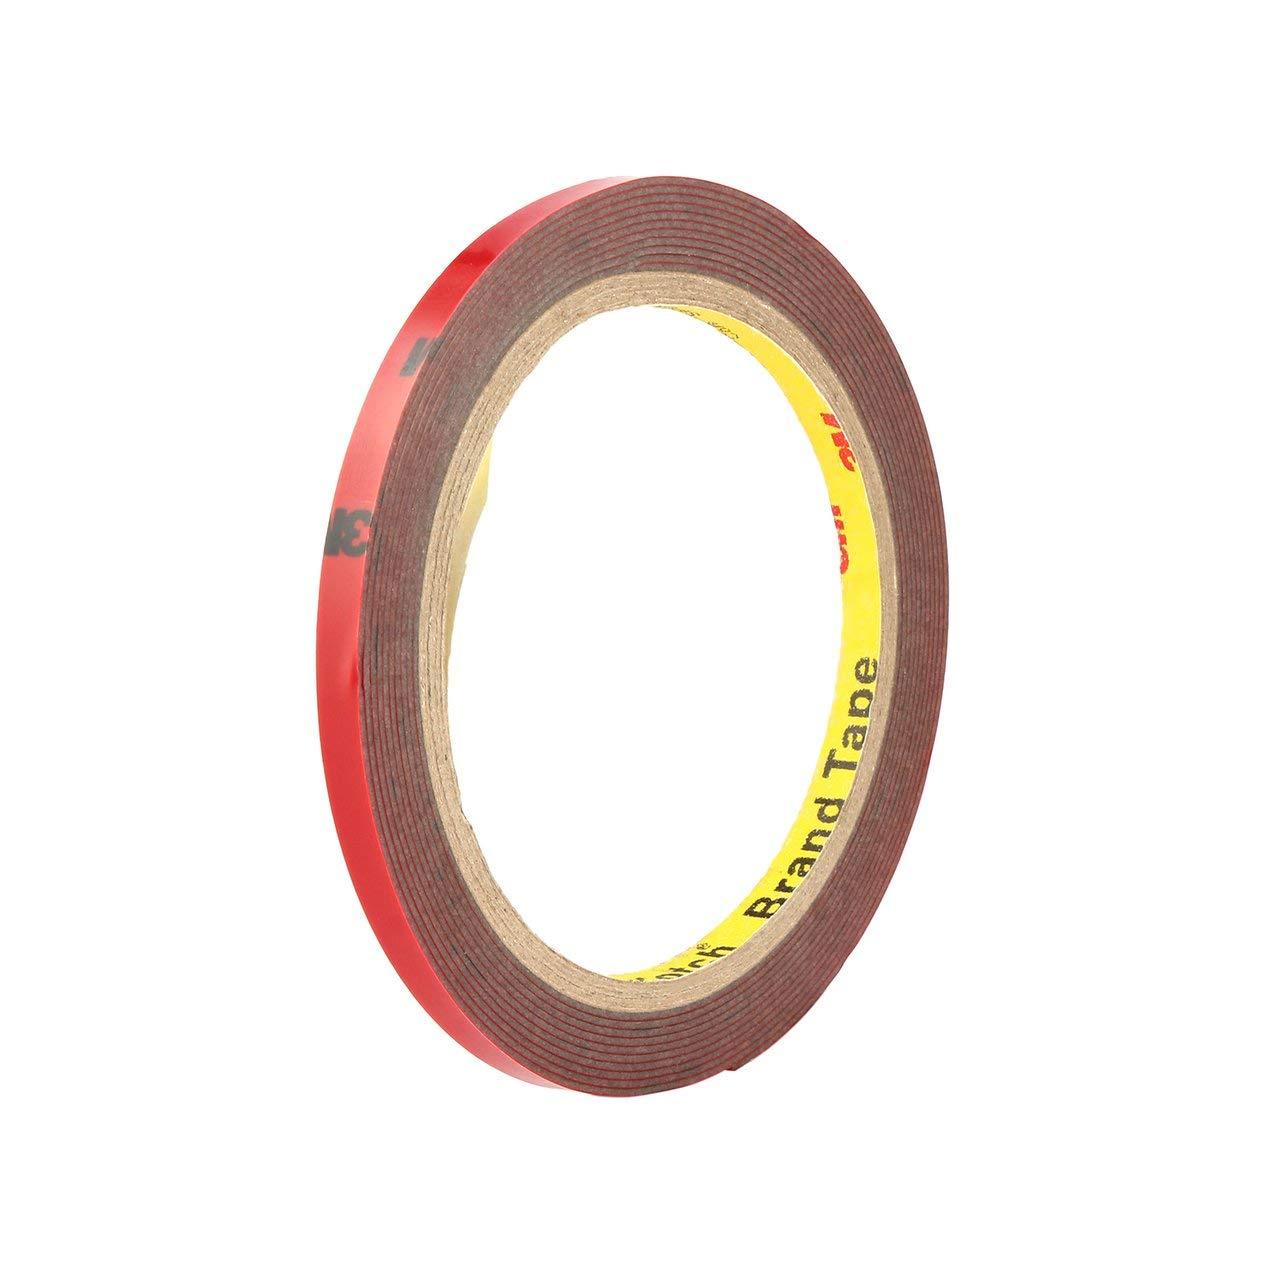 facile da applicare Nastro biadesivo 3M per auto EdBerk74 in schiuma acrilica 6 mm x 3 m